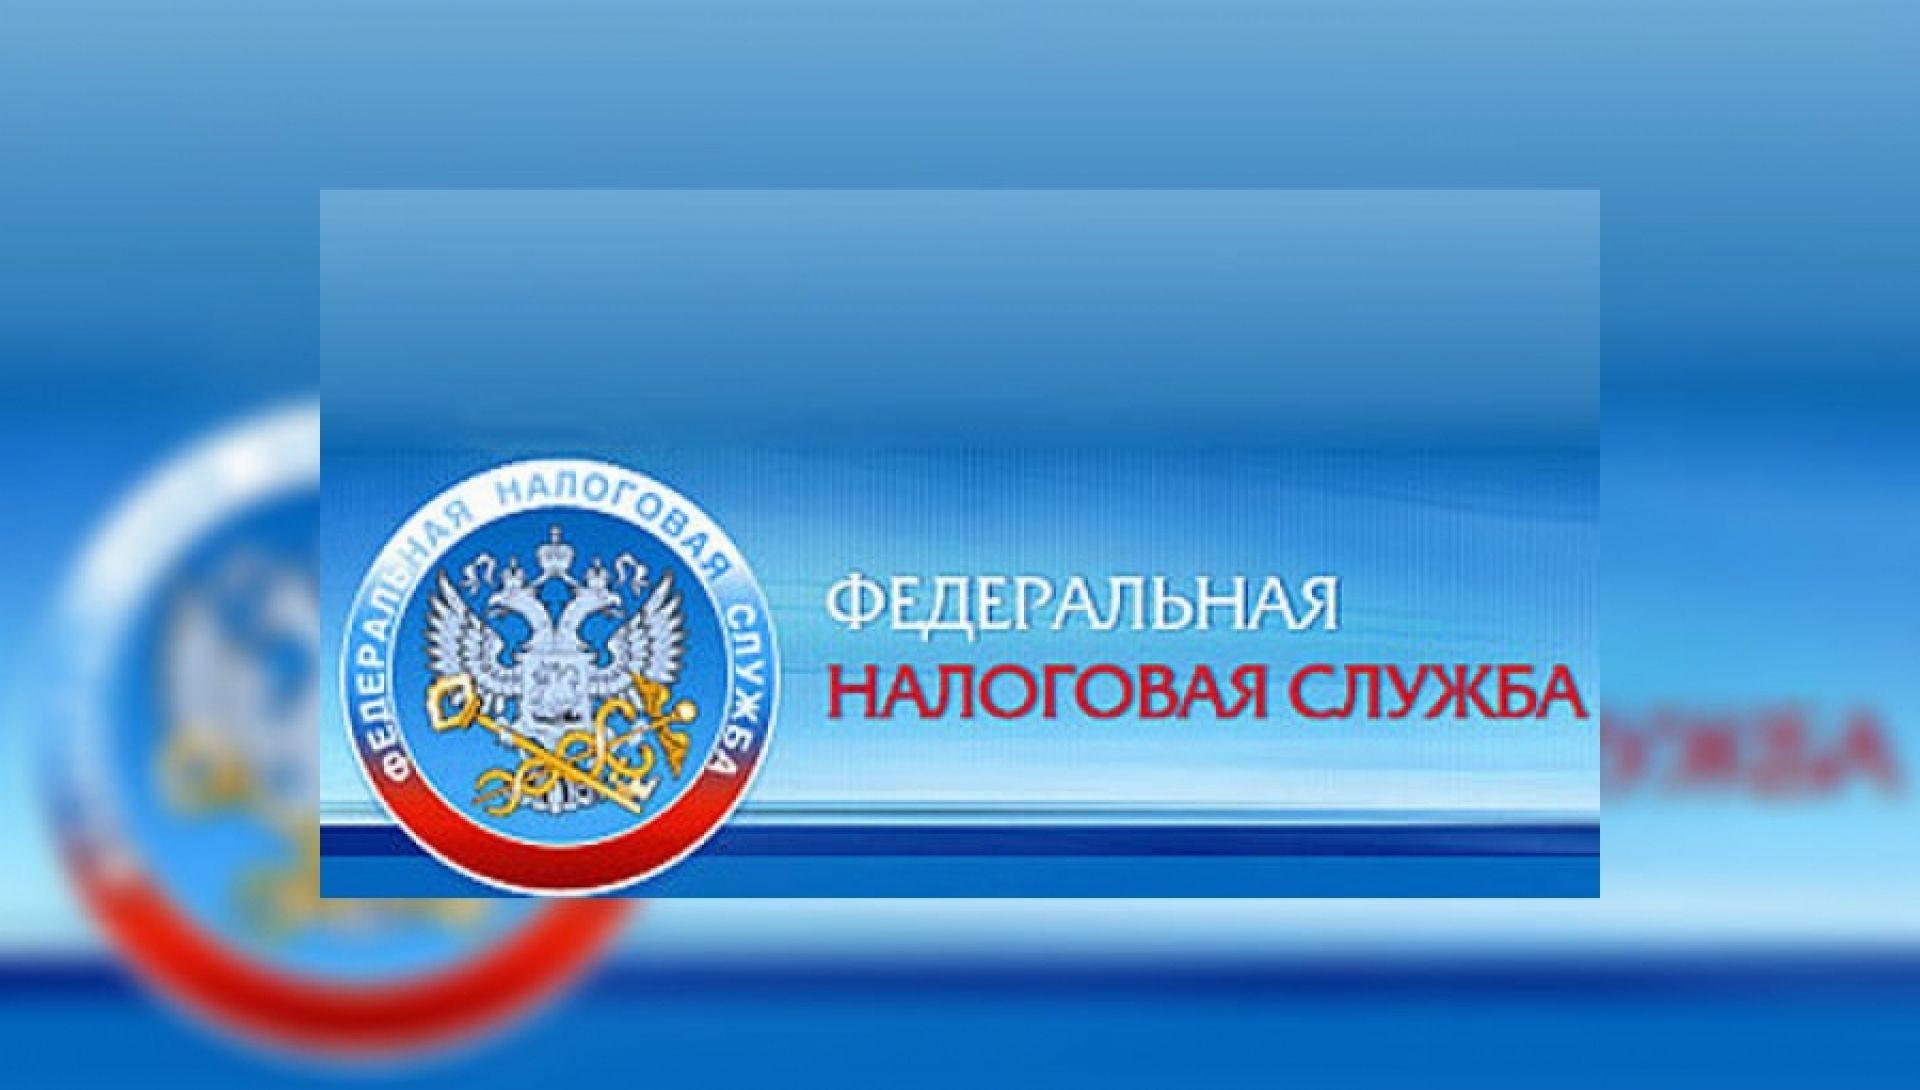 ФНС России запустила сайт о налоге на профессиональный доход